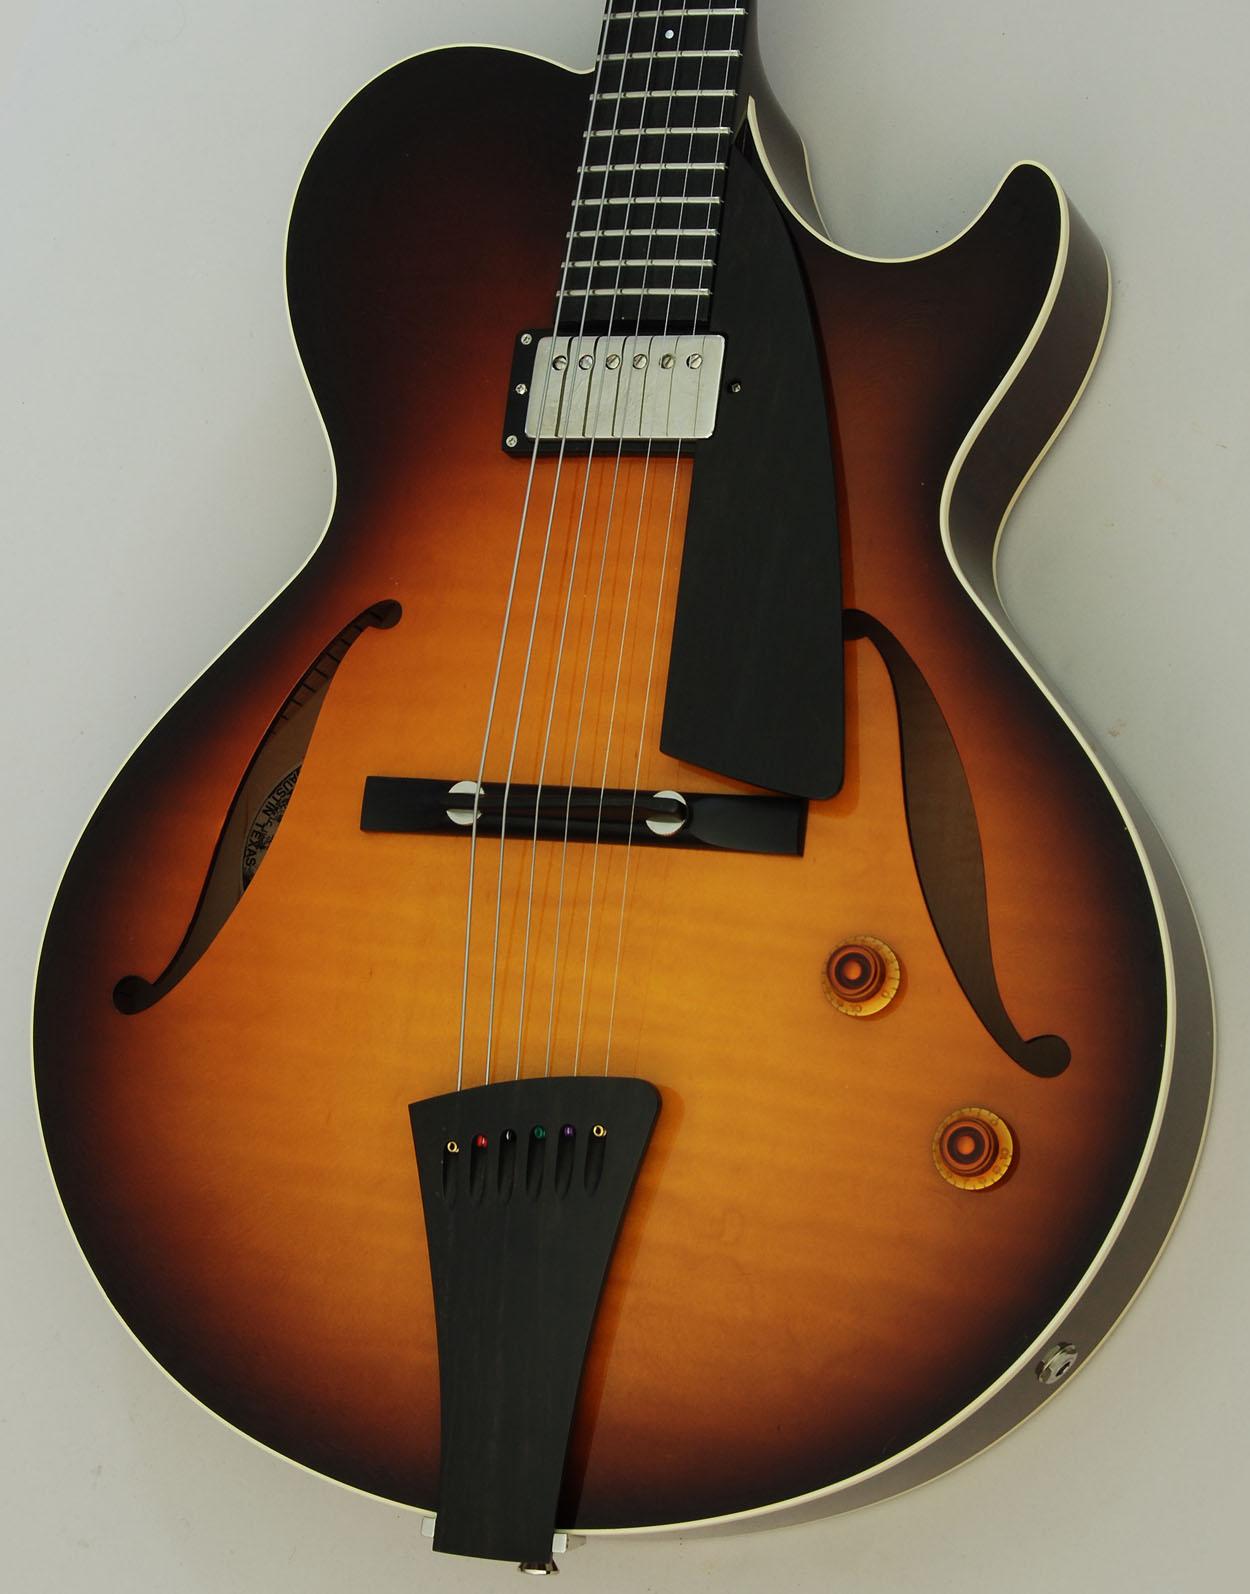 collings eastside lc guitar for sale. Black Bedroom Furniture Sets. Home Design Ideas